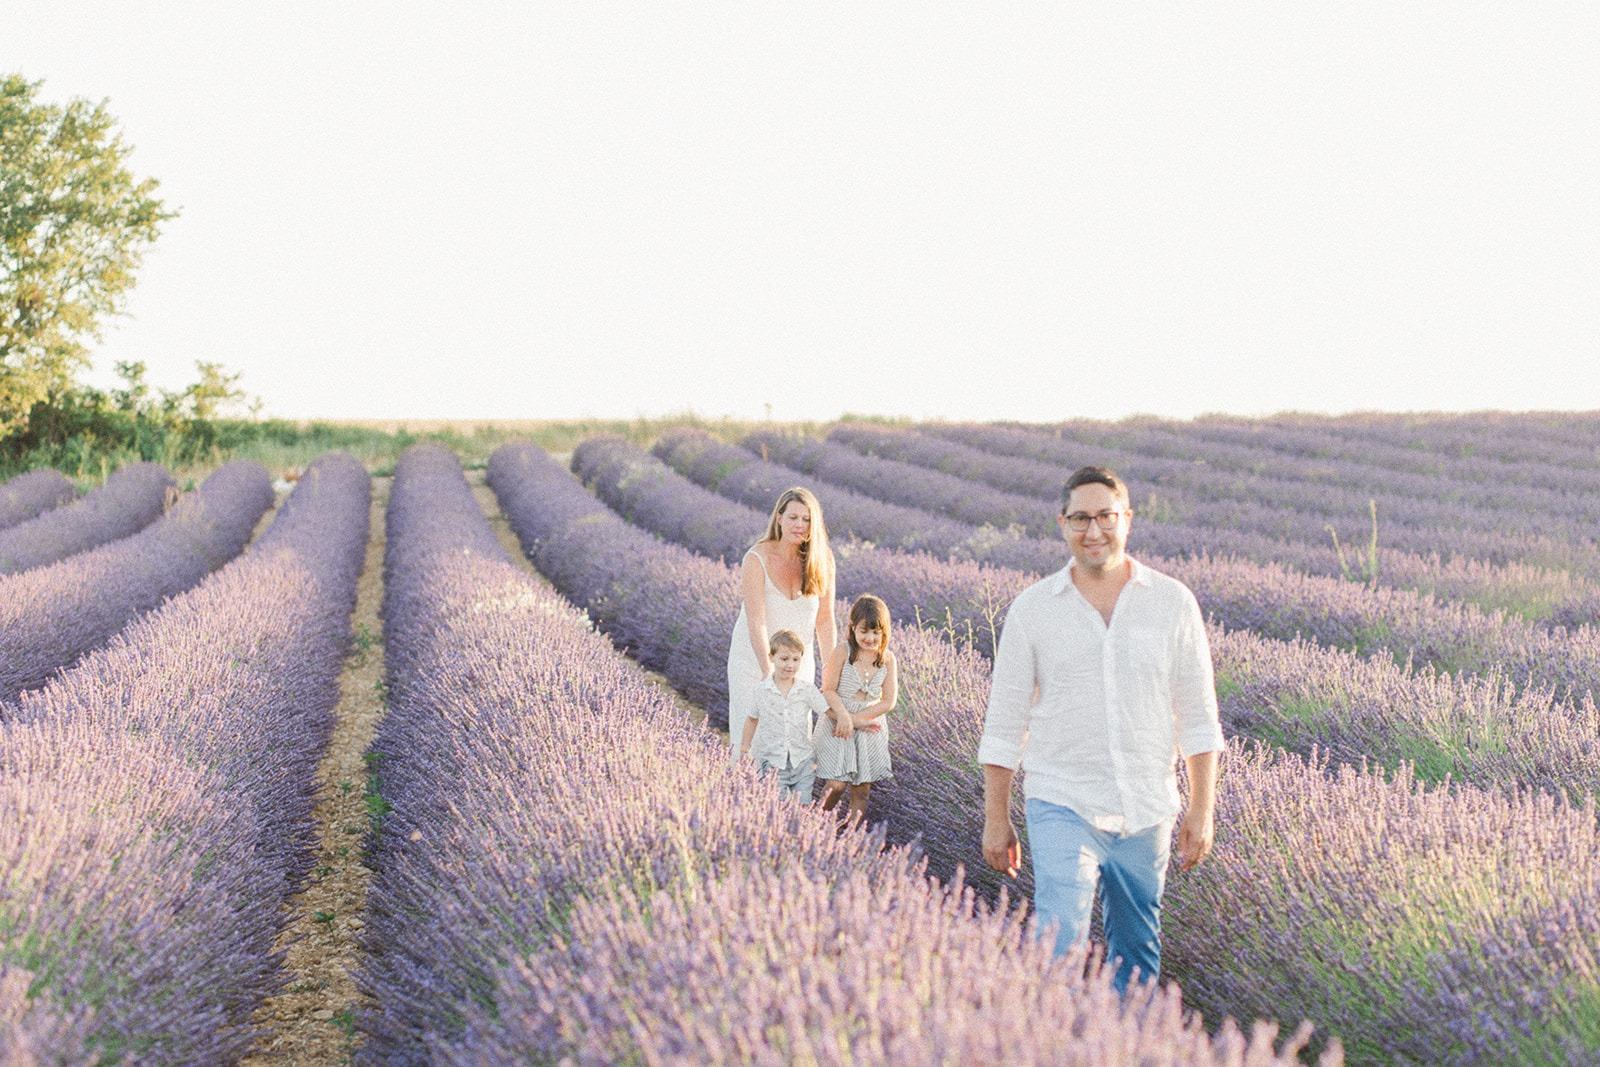 lavenderfamilyphotoshoot